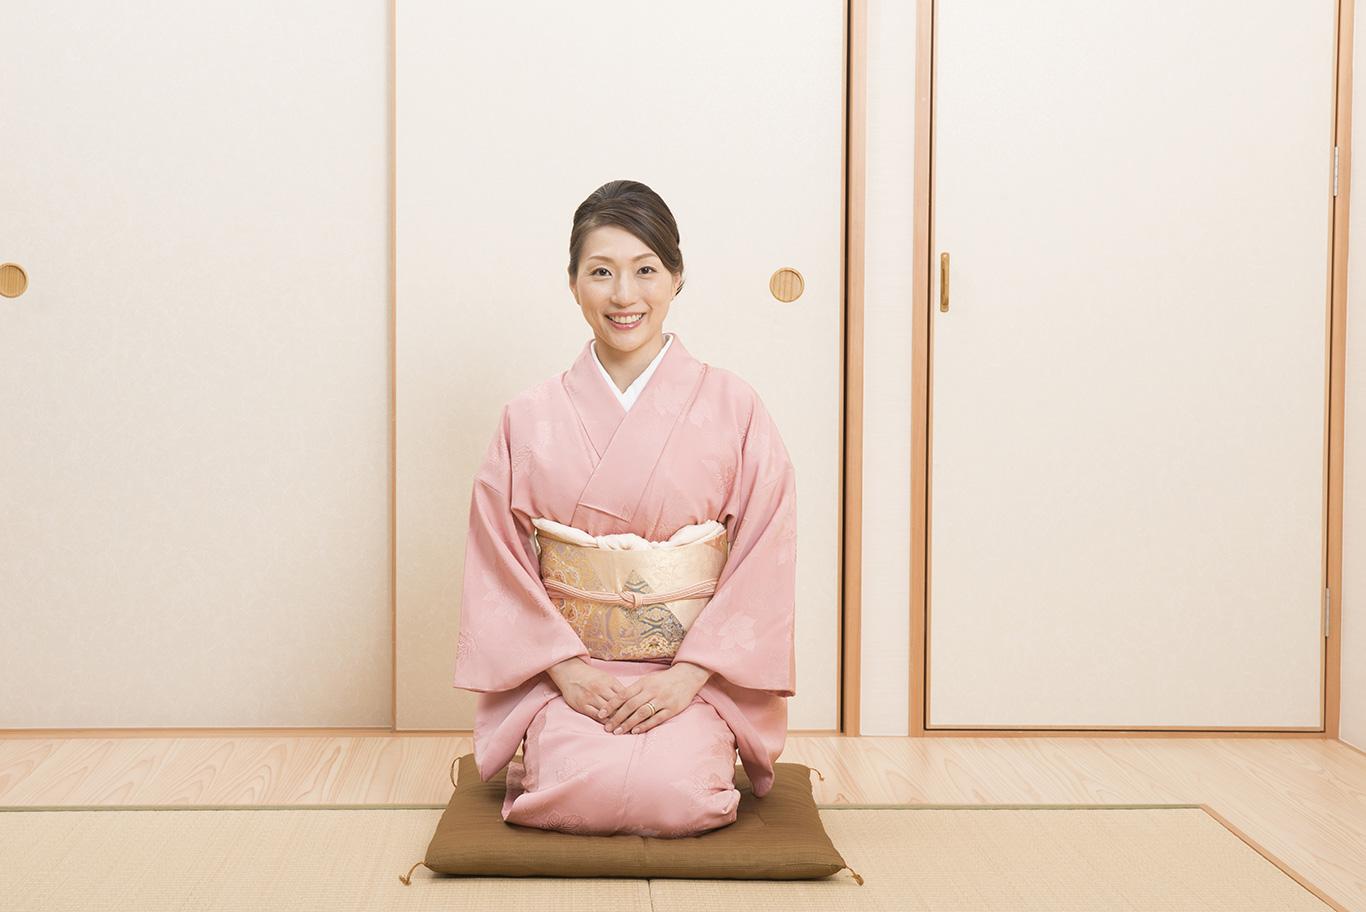 일본어가 제일 아름답게 들리는 순간/日本語が一番美しく聞こえる瞬間